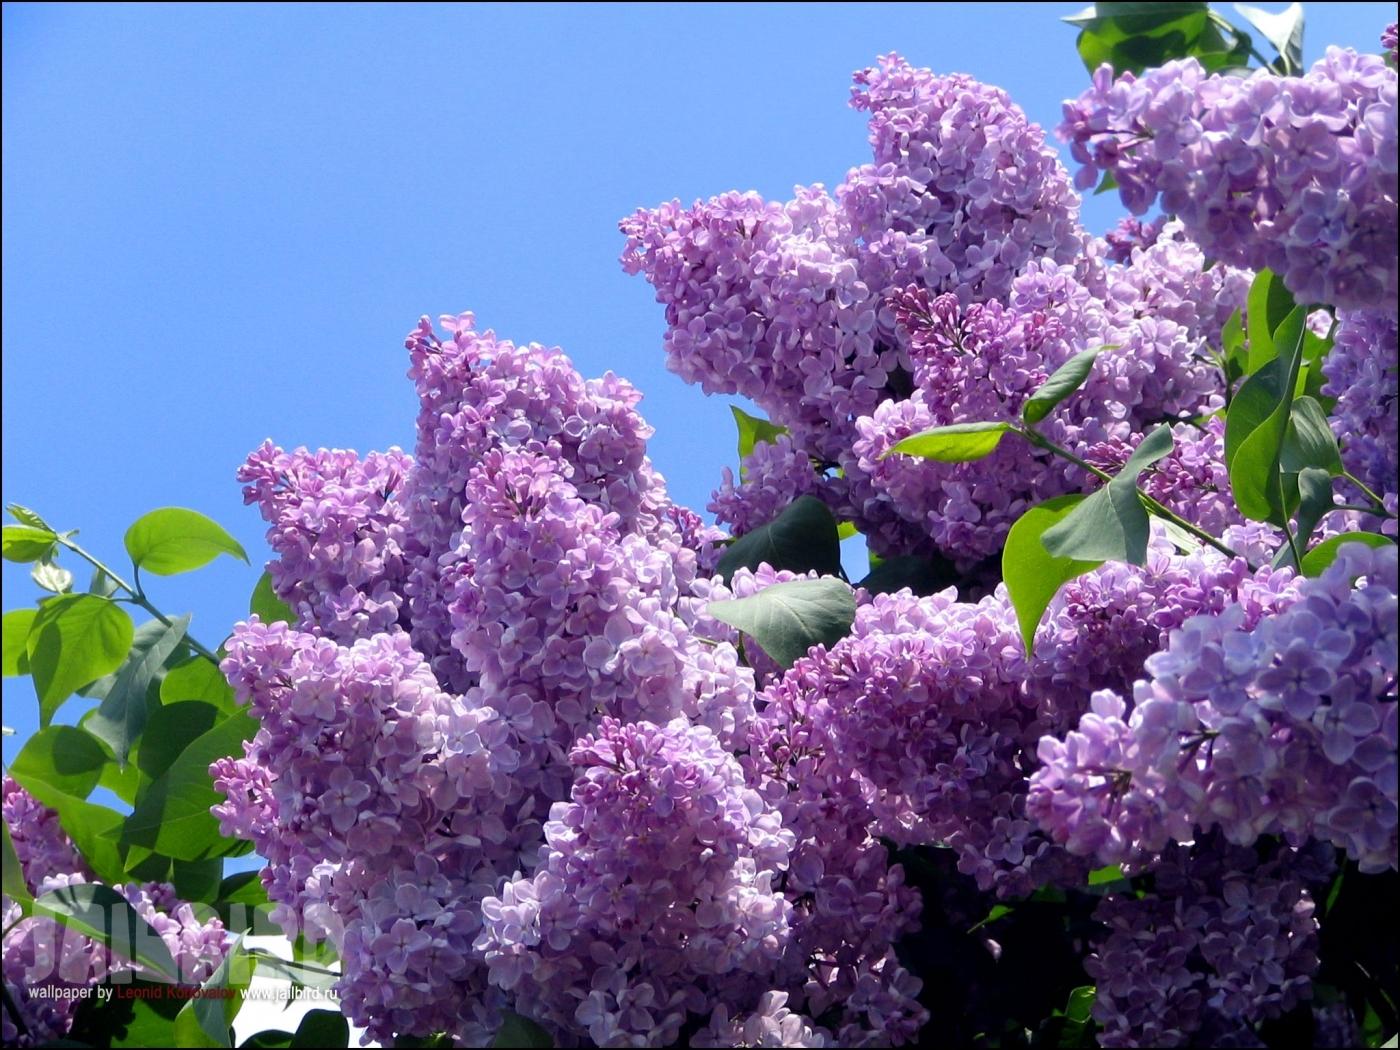 25666 скачать обои Деревья, Цветы, Растения, Сирень - заставки и картинки бесплатно